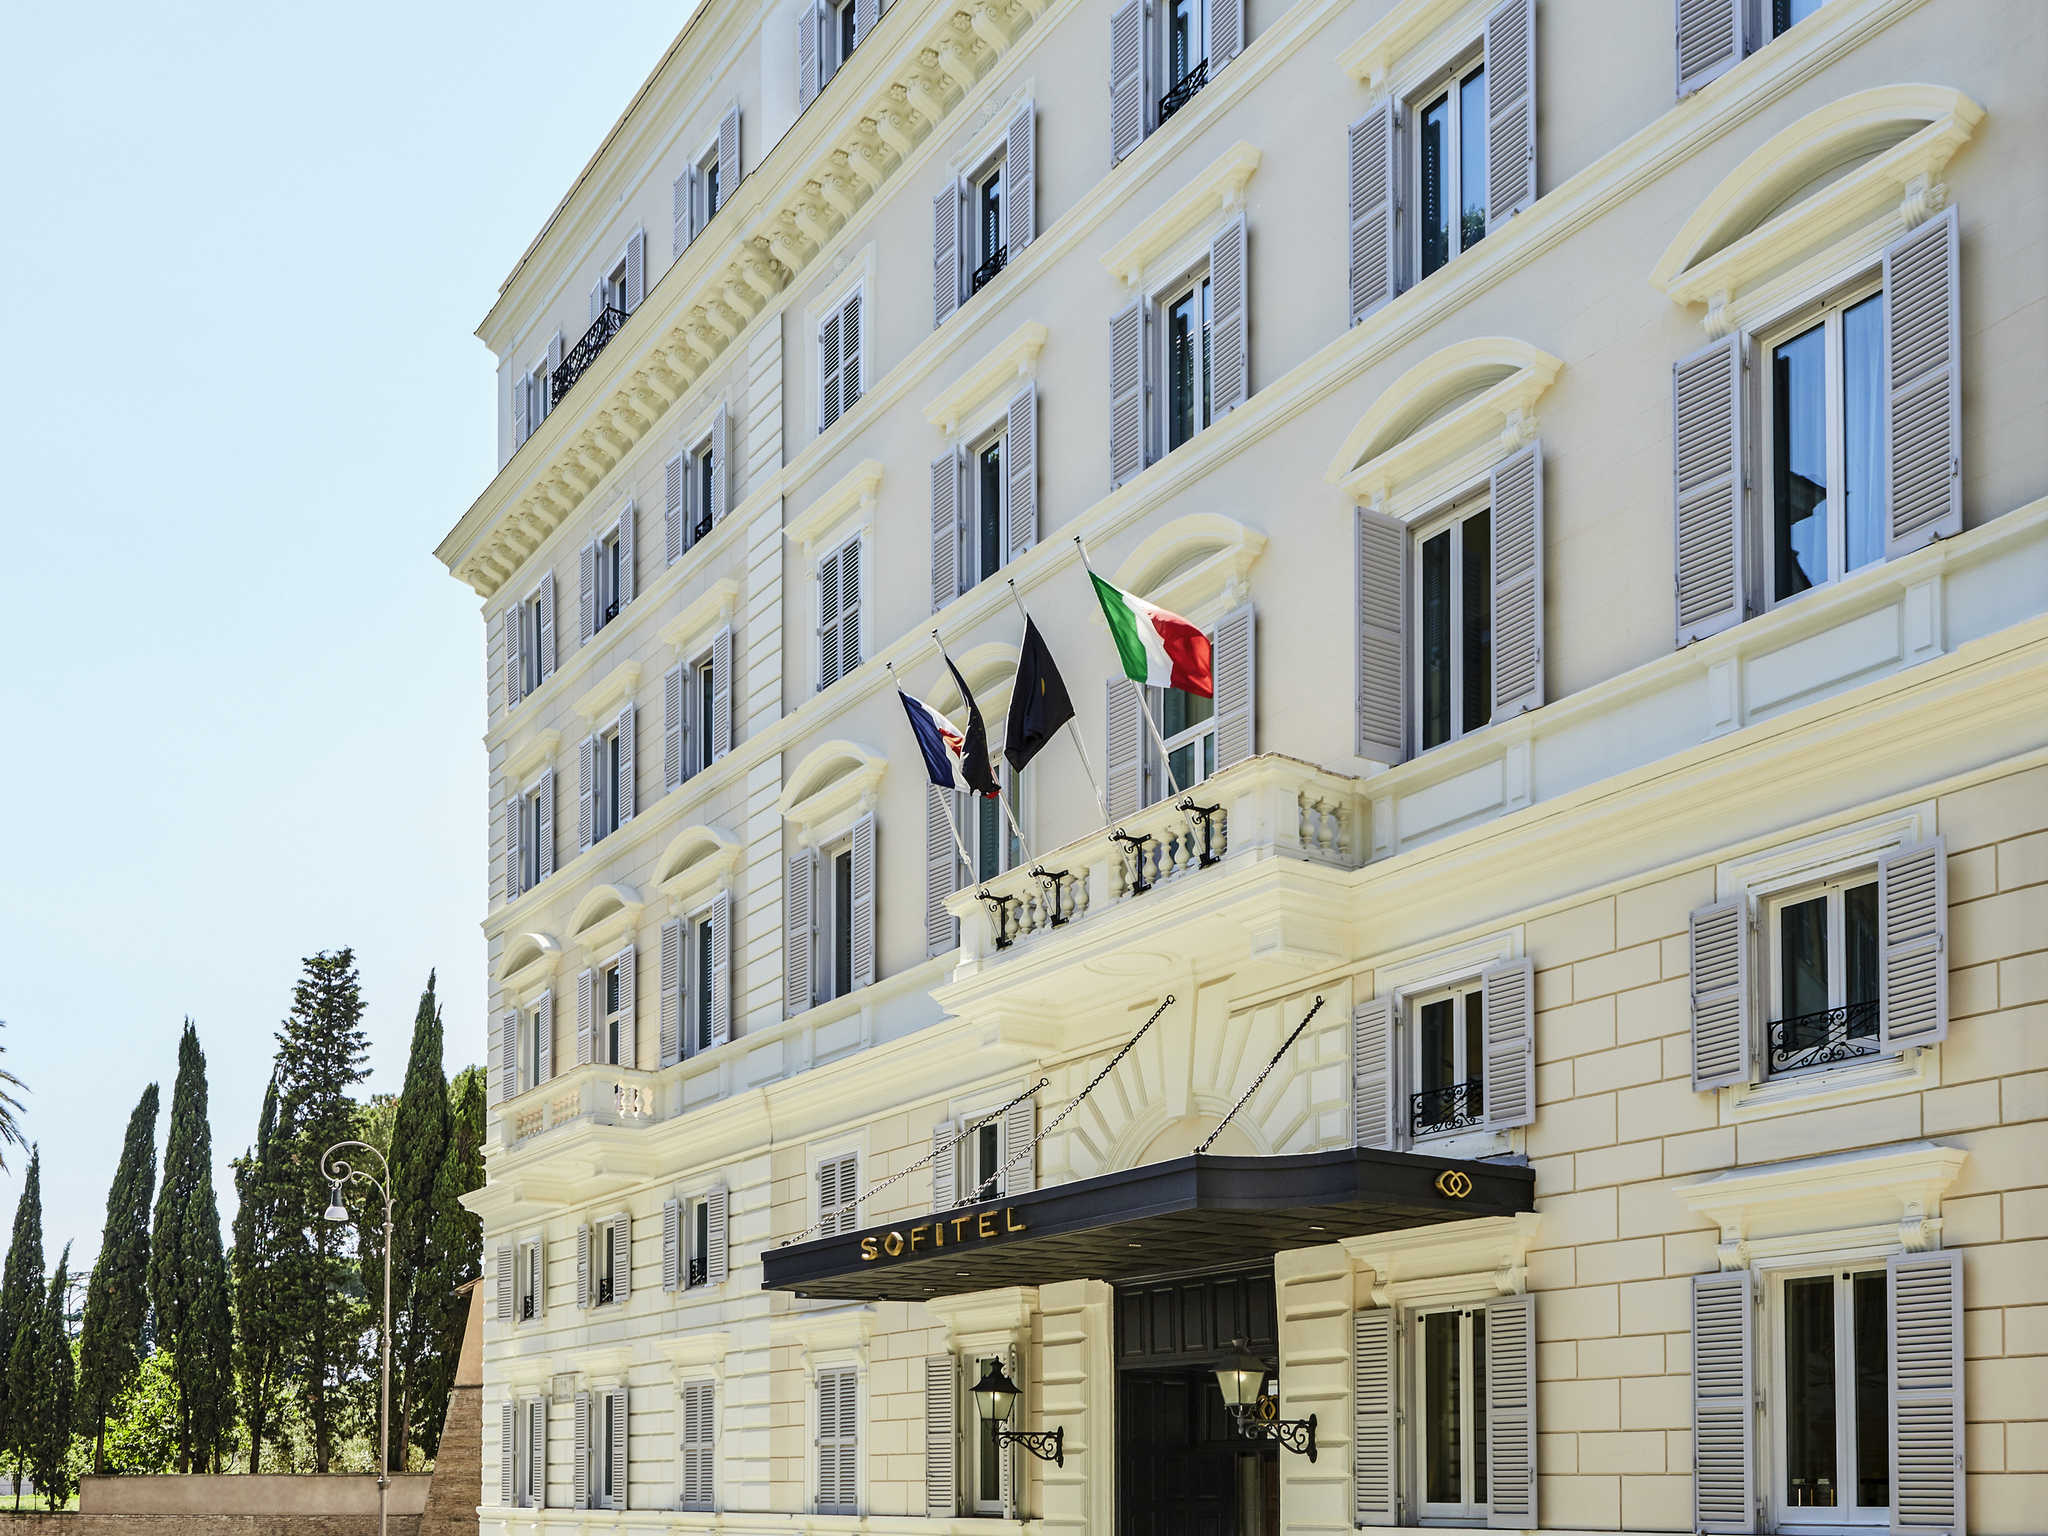 Hotel – Sofitel Roma (reabre em 4 de março de 2019 reformado)